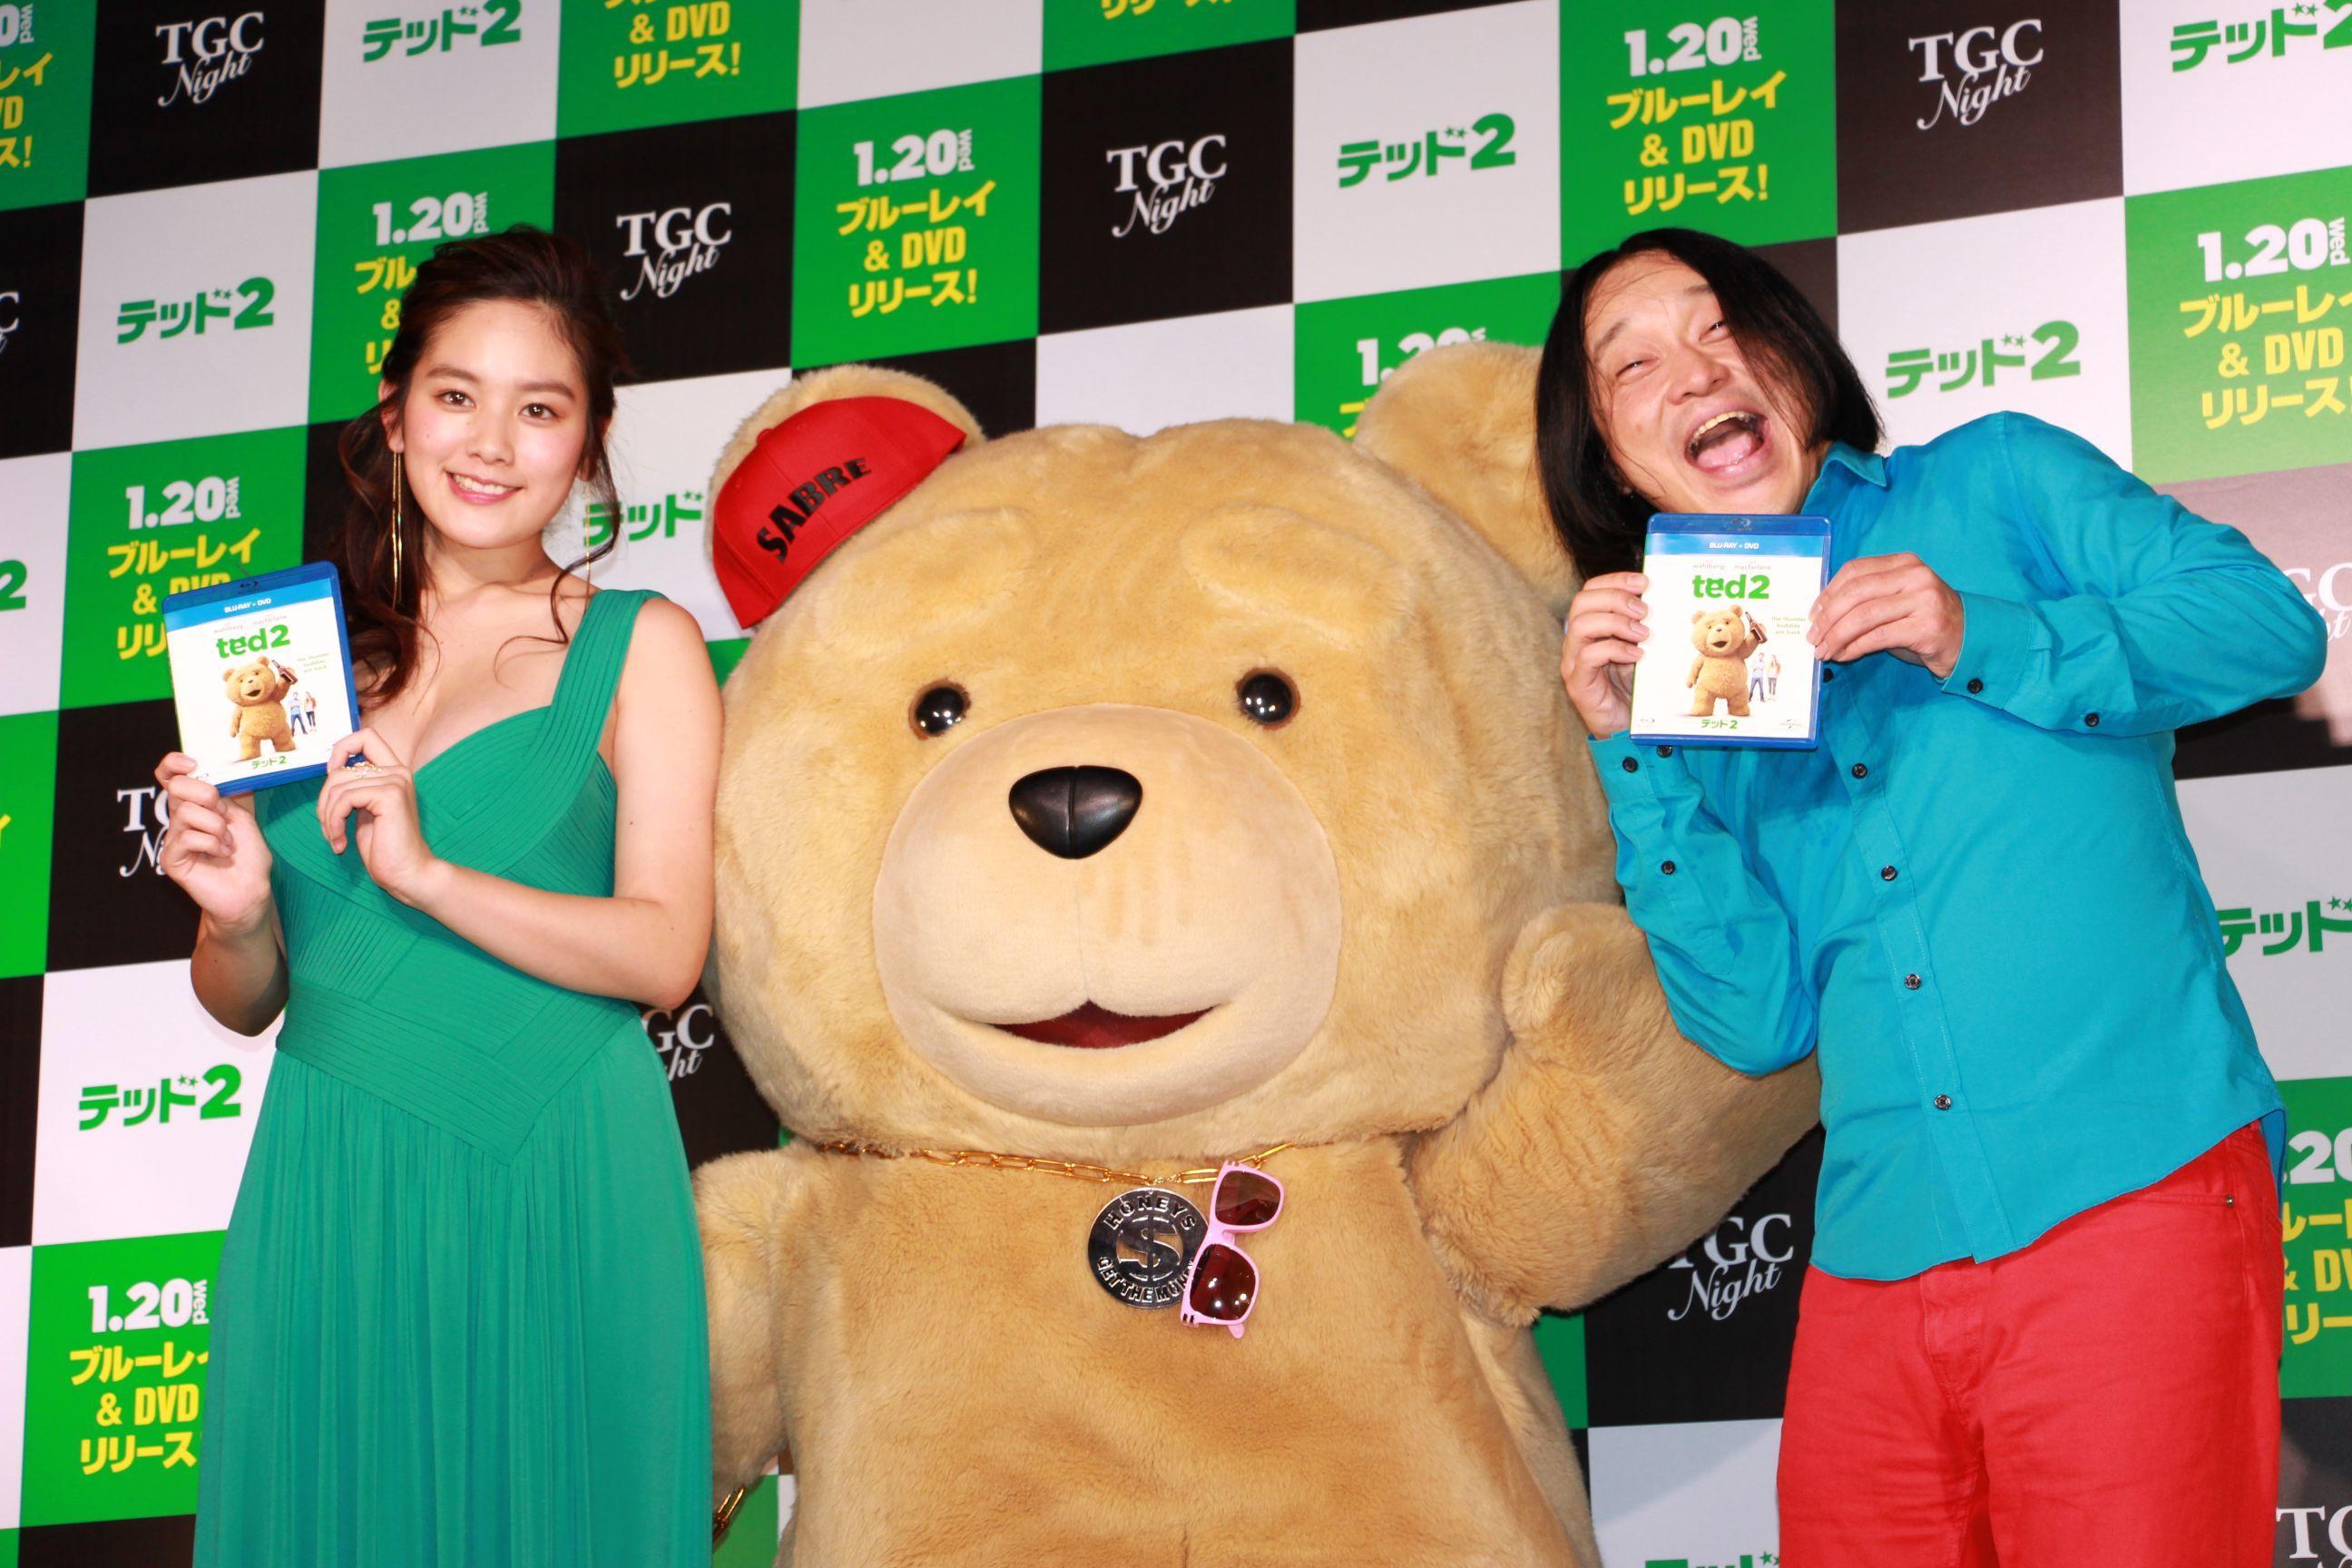 左から 筧美和子、テッド、永野